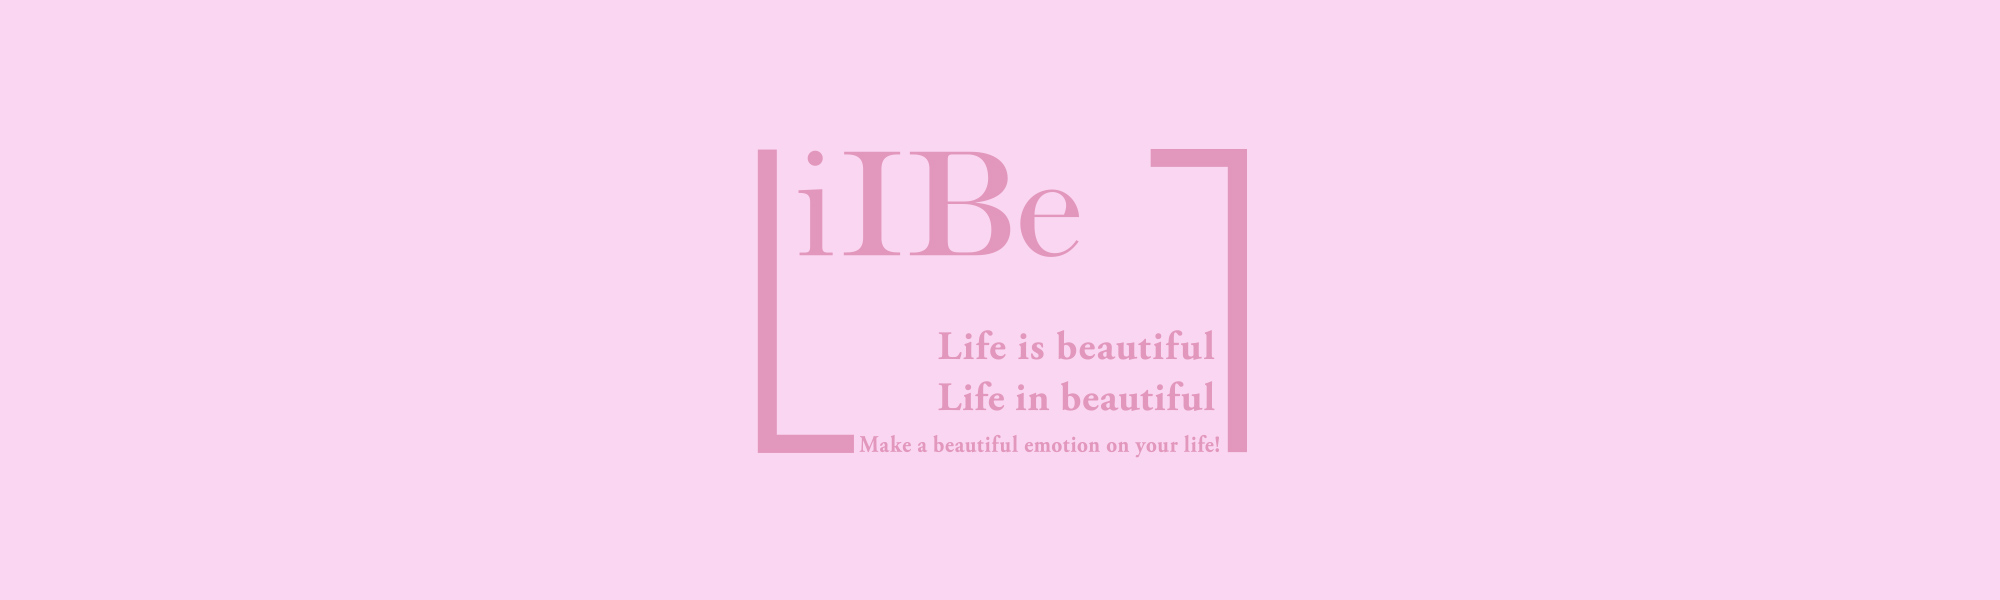 株式会社LiIBe-リアイブ-